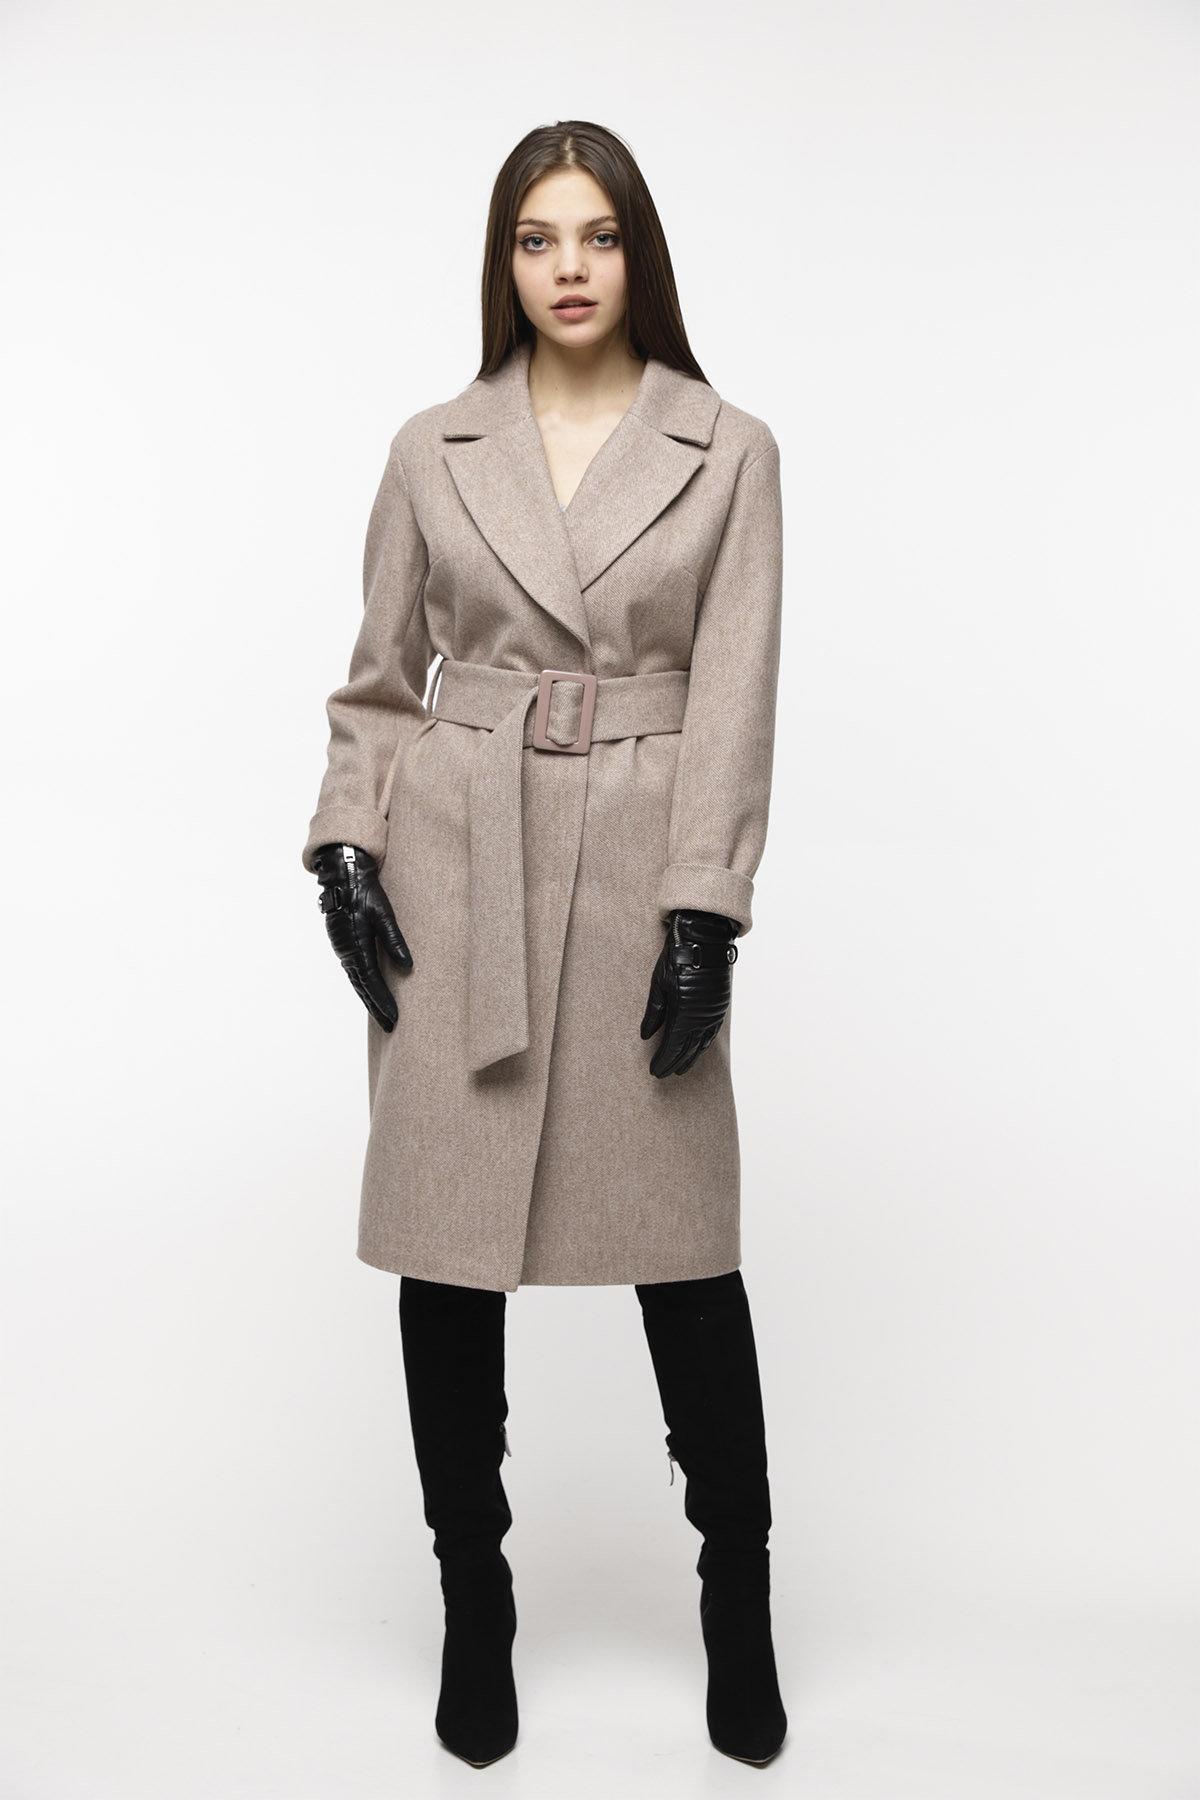 Демисезонное пальто купить Демисезонное пальто бежевого цвета Севен 8757